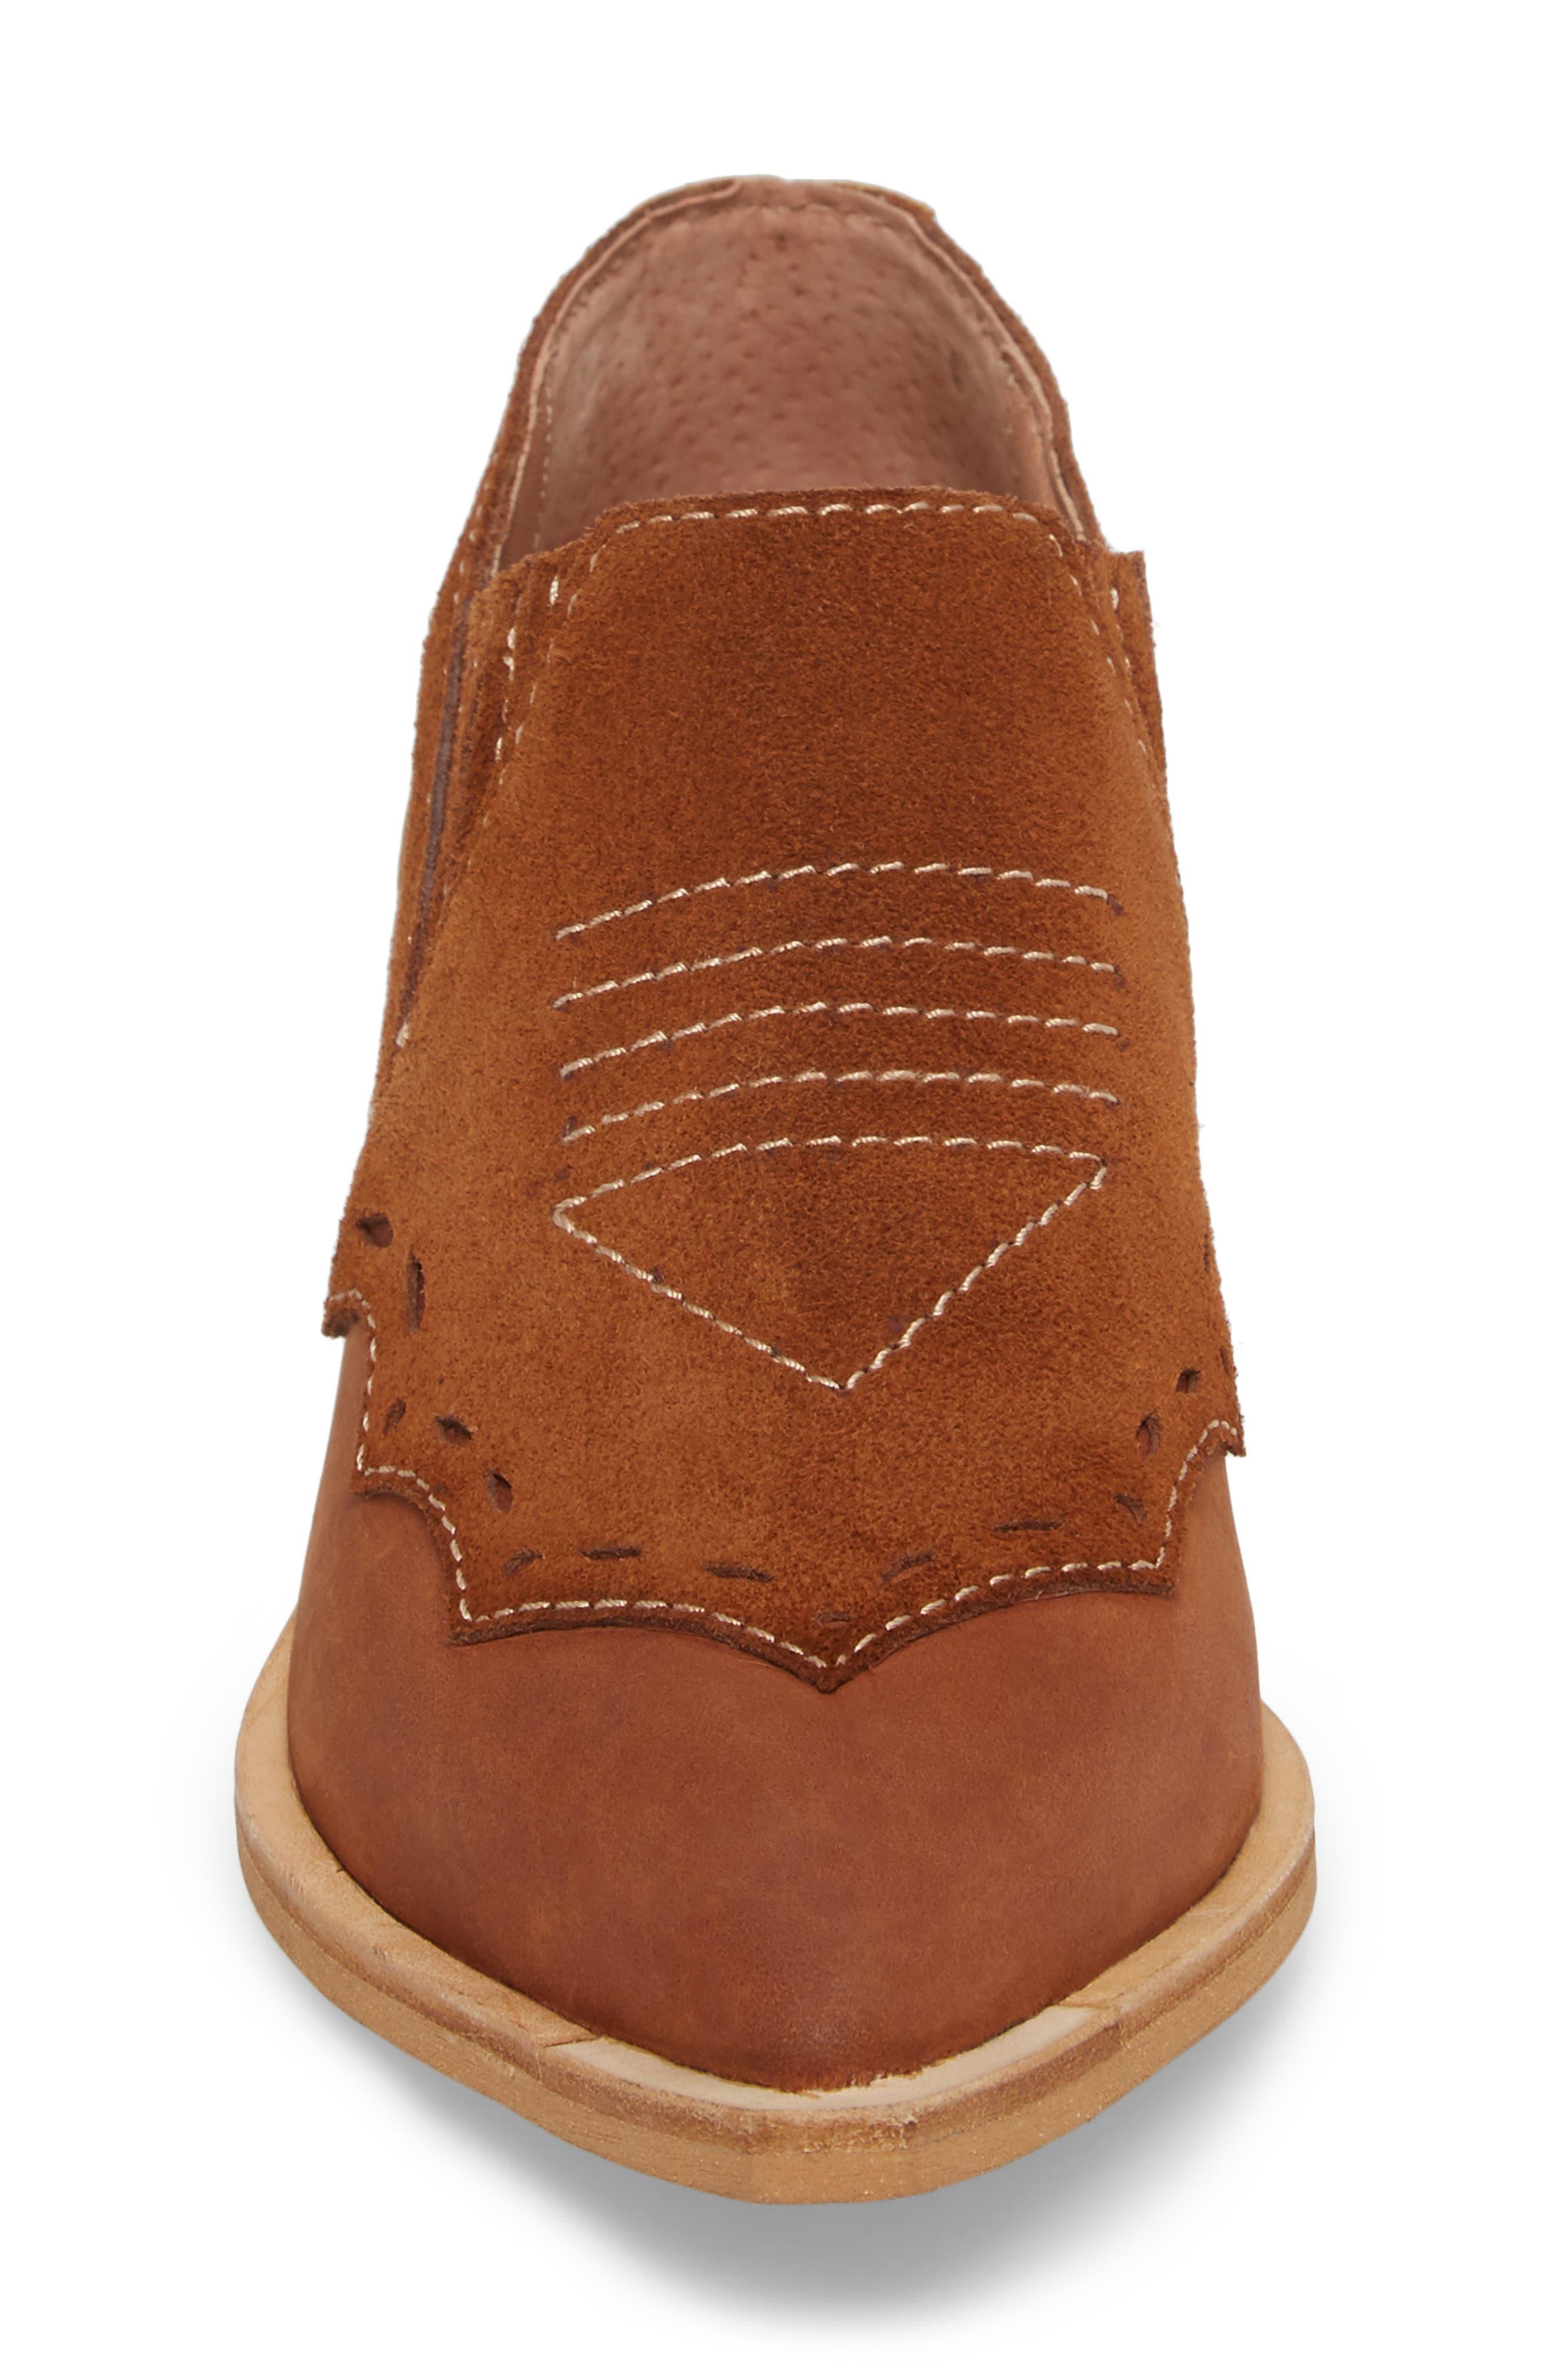 Warner Western Bootie,                             Alternate thumbnail 4, color,                             Brown/ Deep Maroon Leather